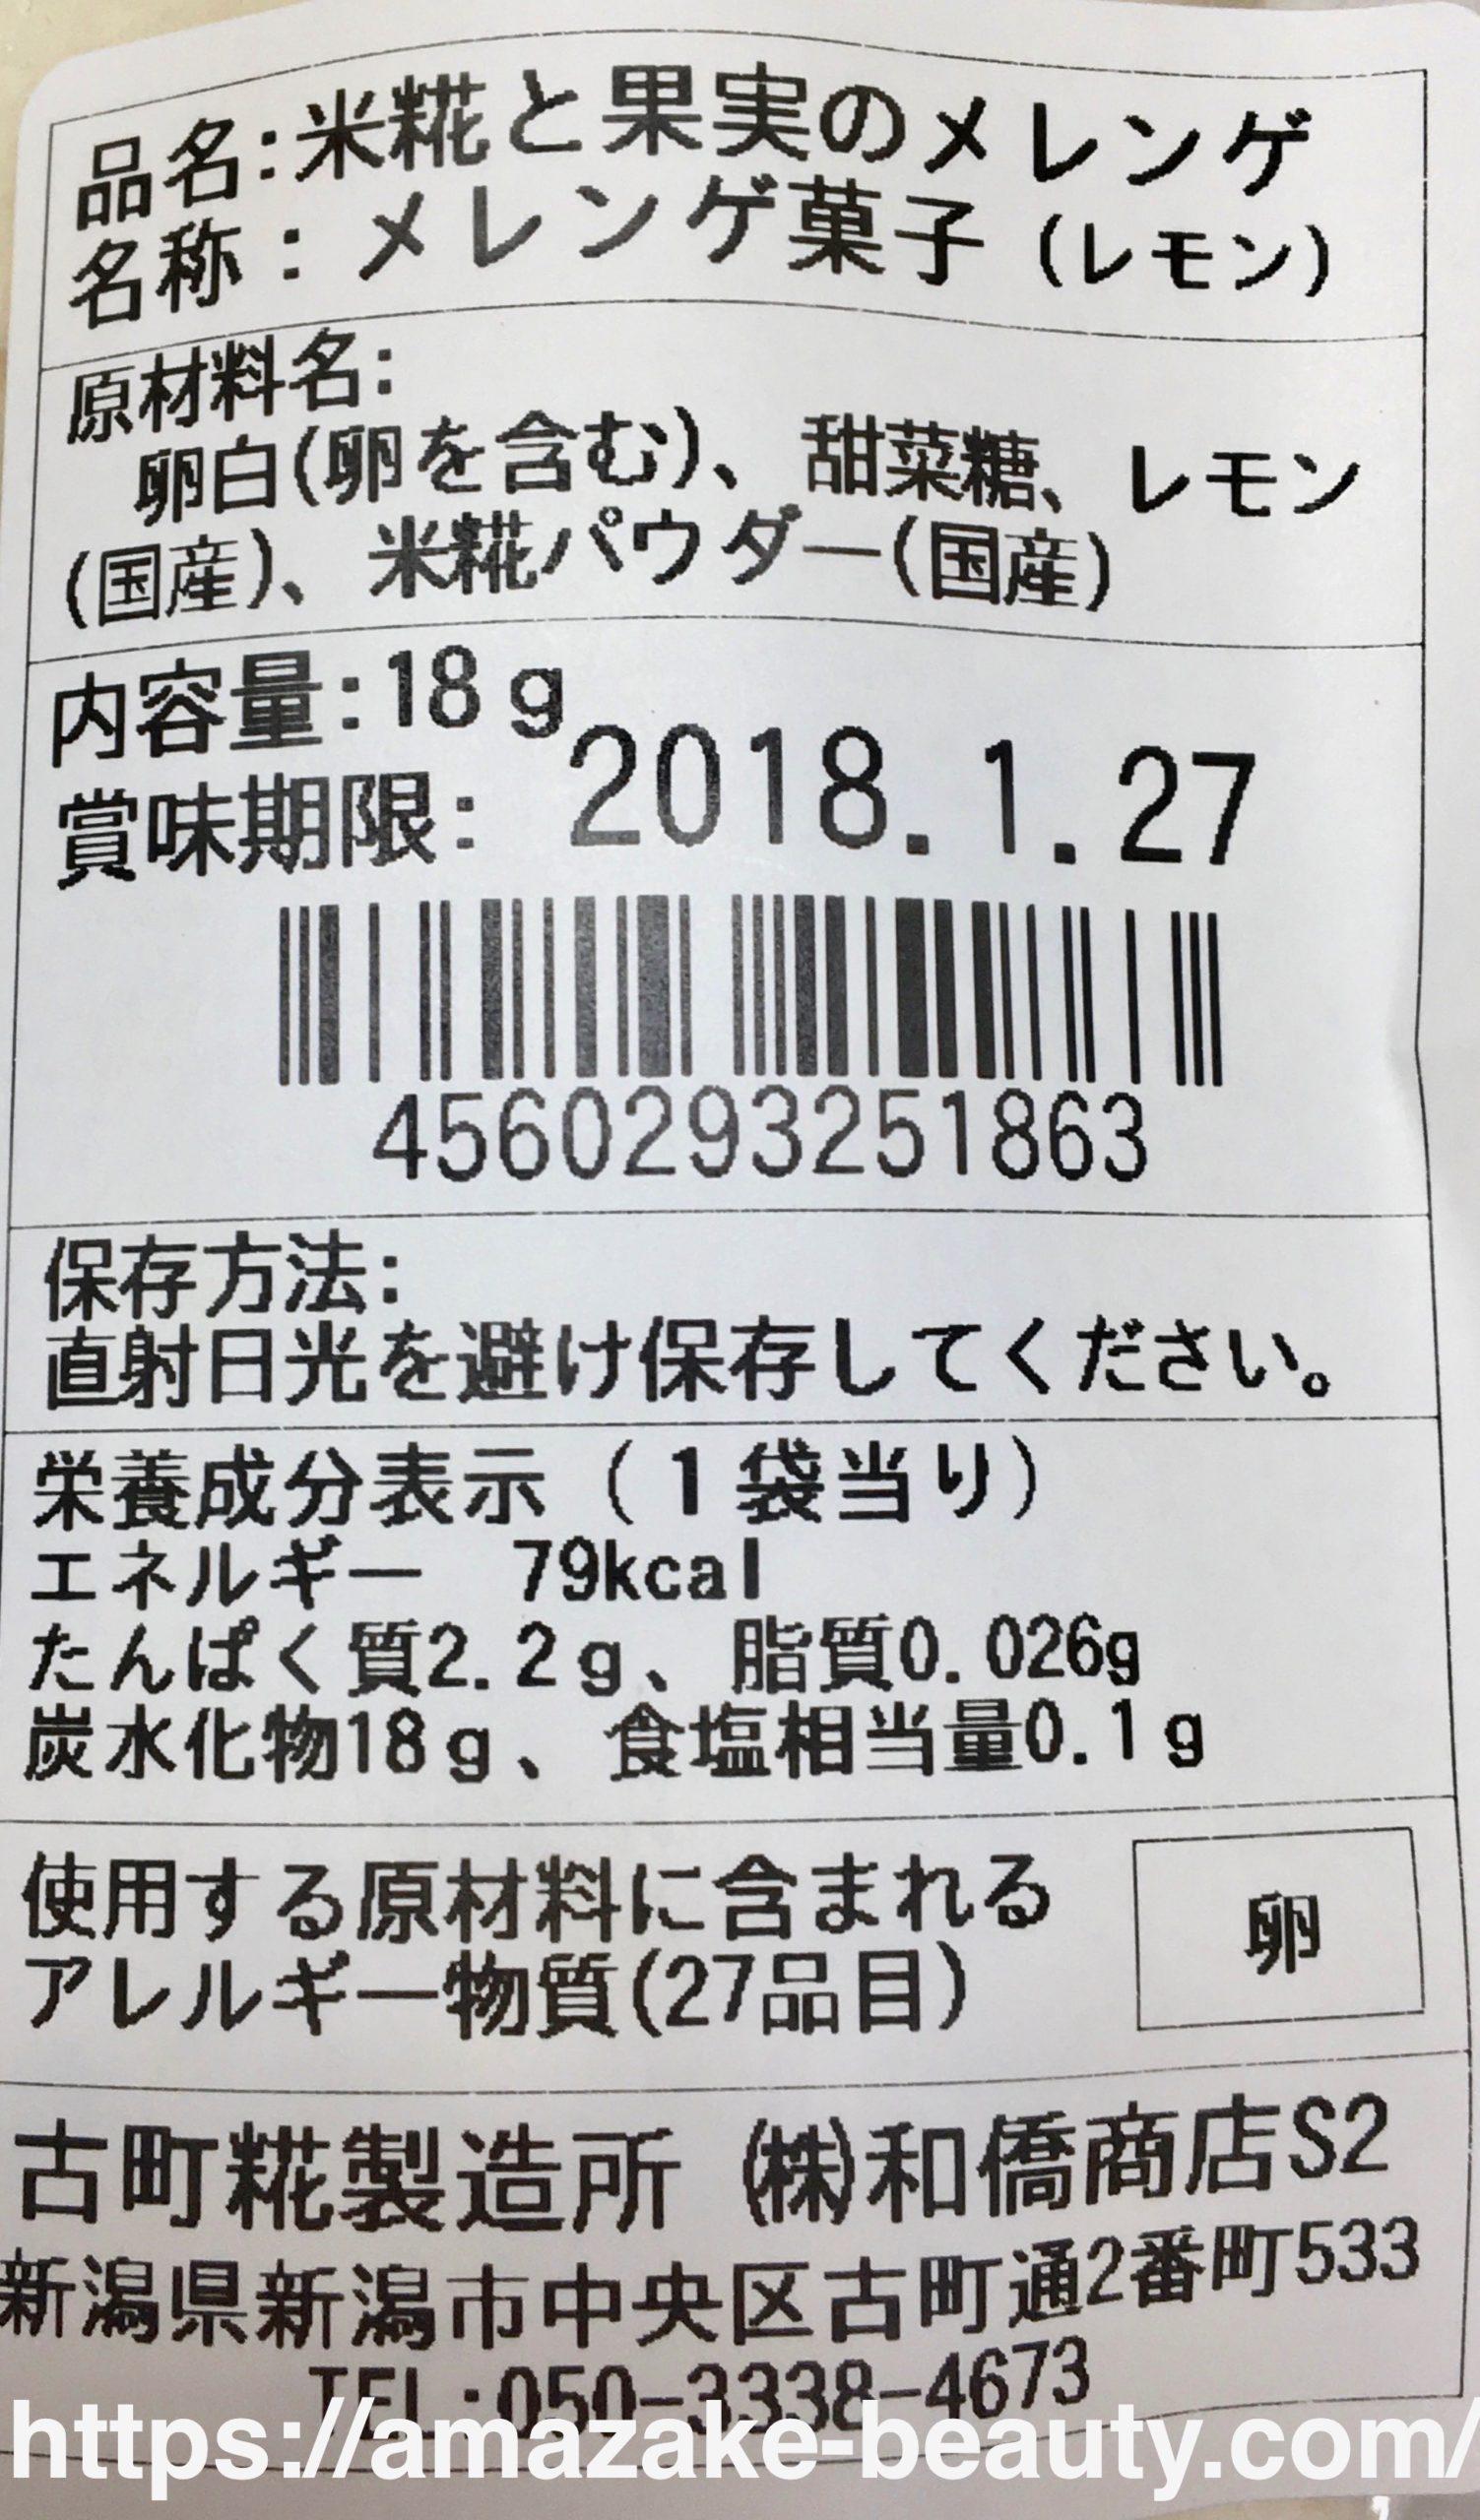 【甘酒甘味】古町糀製造所『米麹と果実のメレンゲ(れもん)』(商品情報)